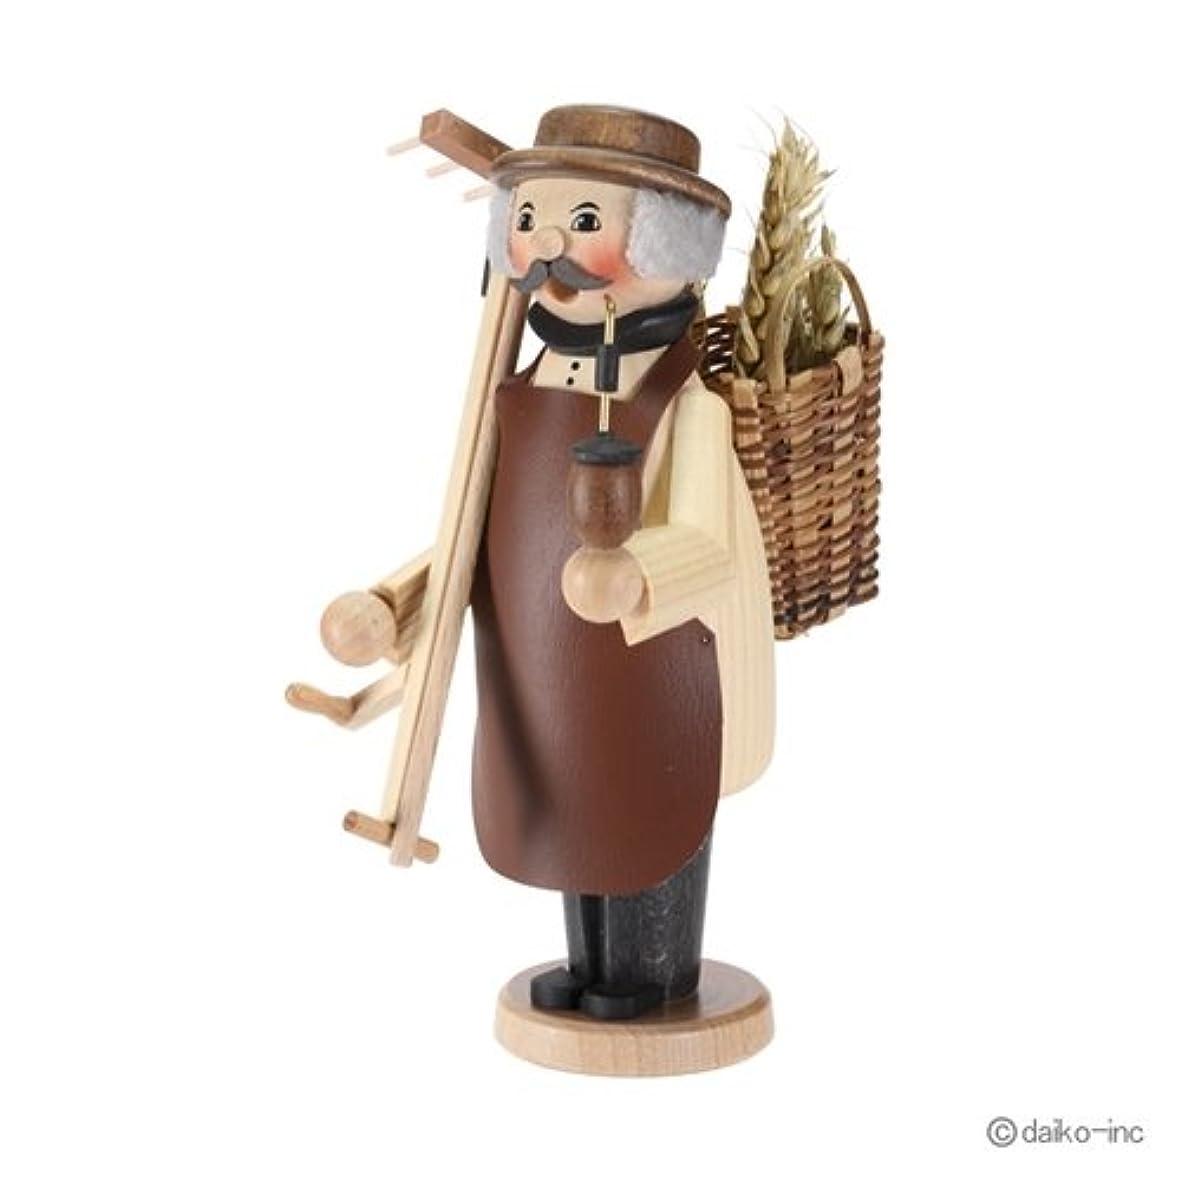 それに応じて苦情文句ジャズクーネルト kuhnert ミニパイプ人形香炉 農夫